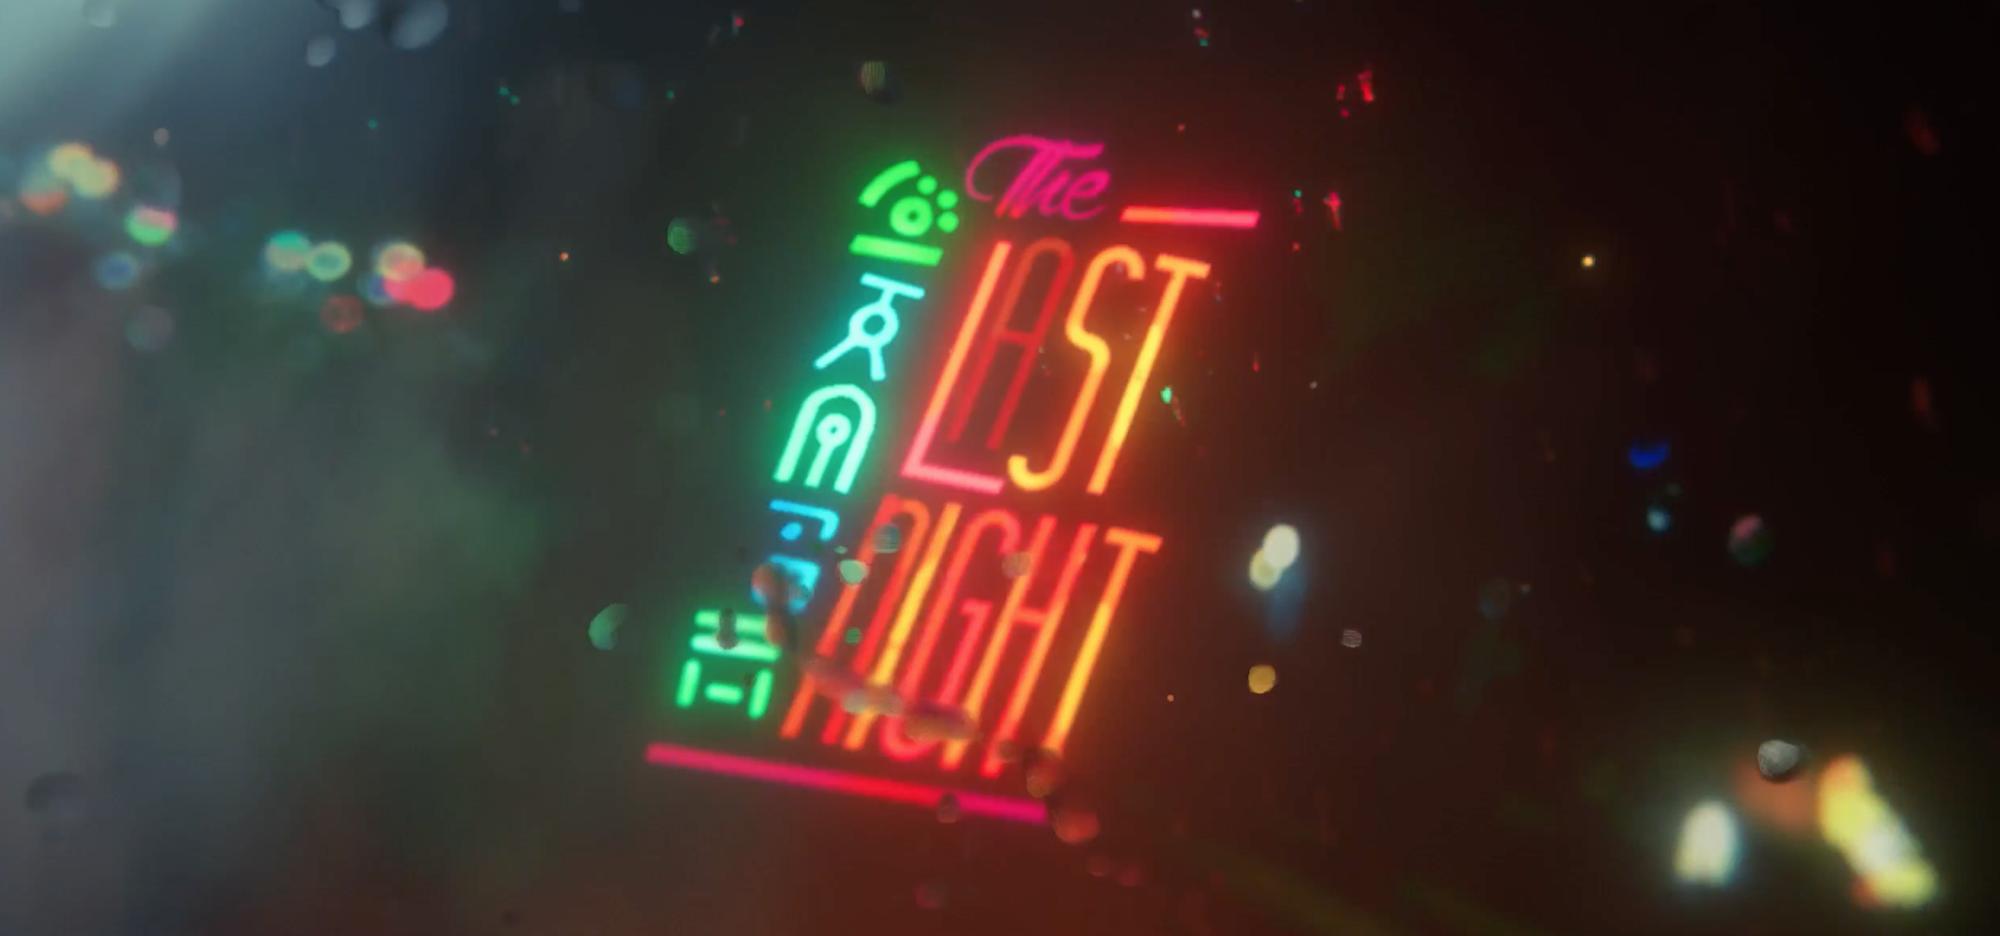 像素遊戲的未來與最後的夜晚